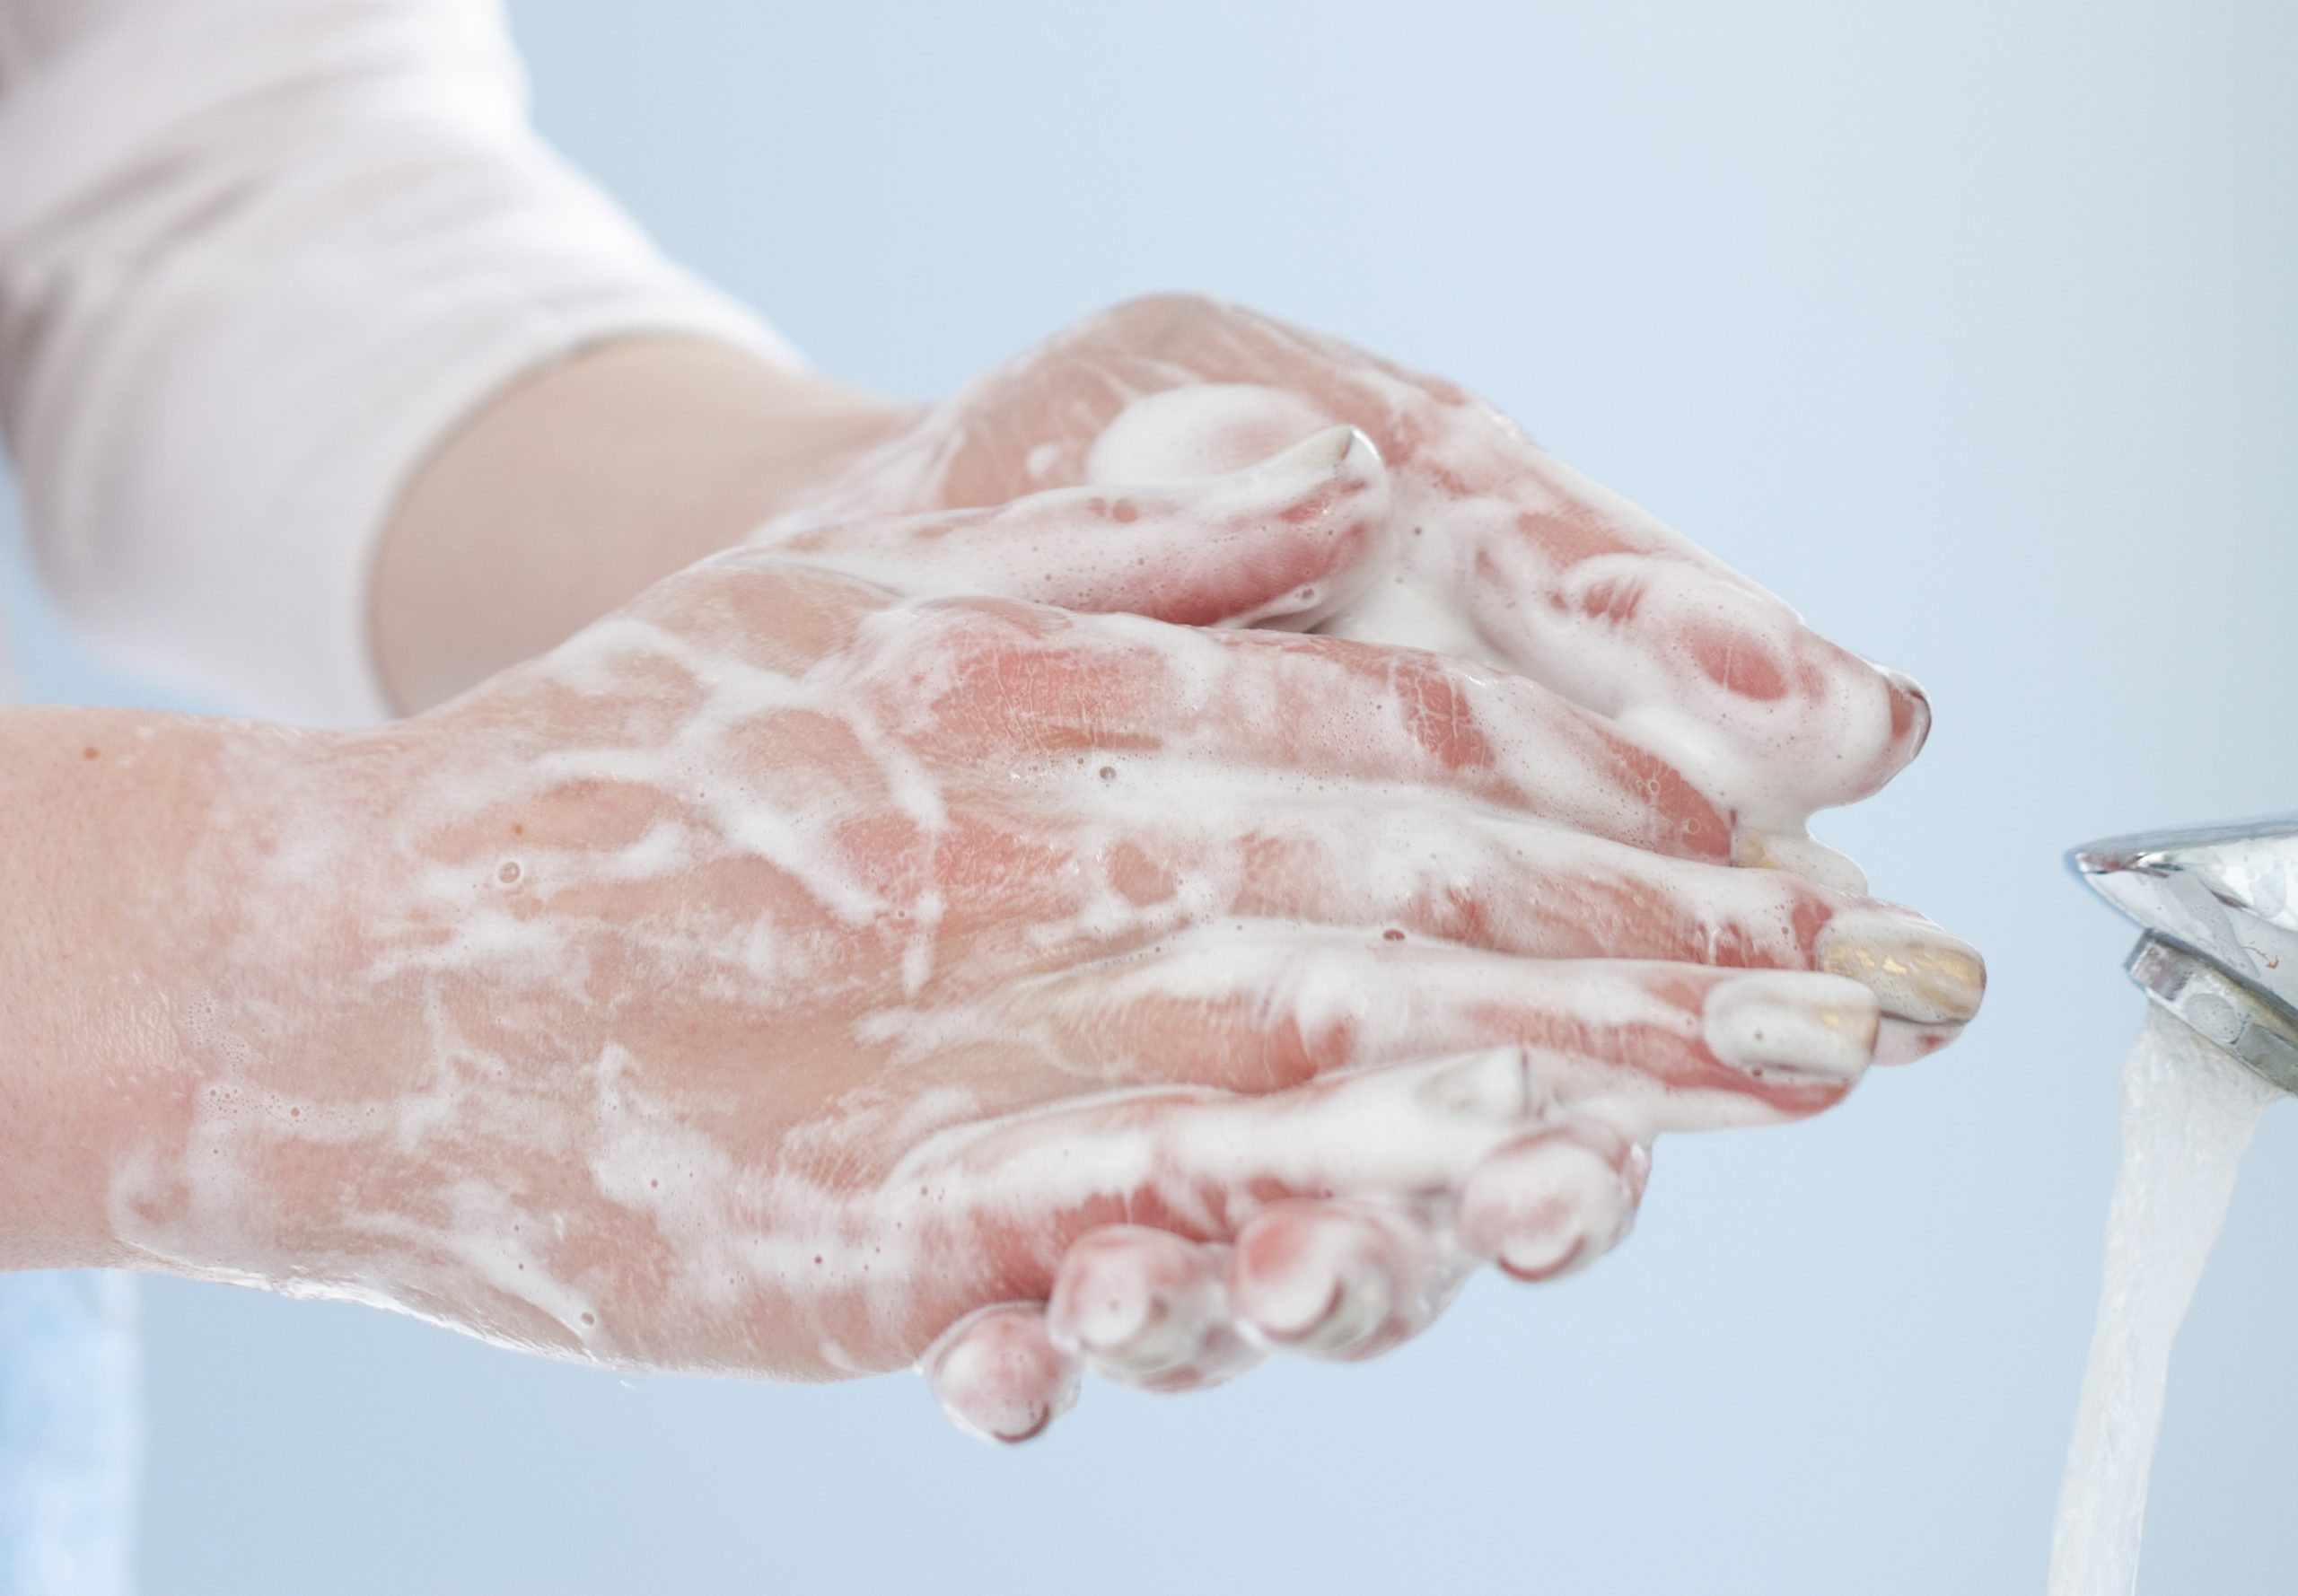 Il lavaggio frequente e l'igienizzazione delle mani per la prevenzione da COVID-19 può causare dermatite.